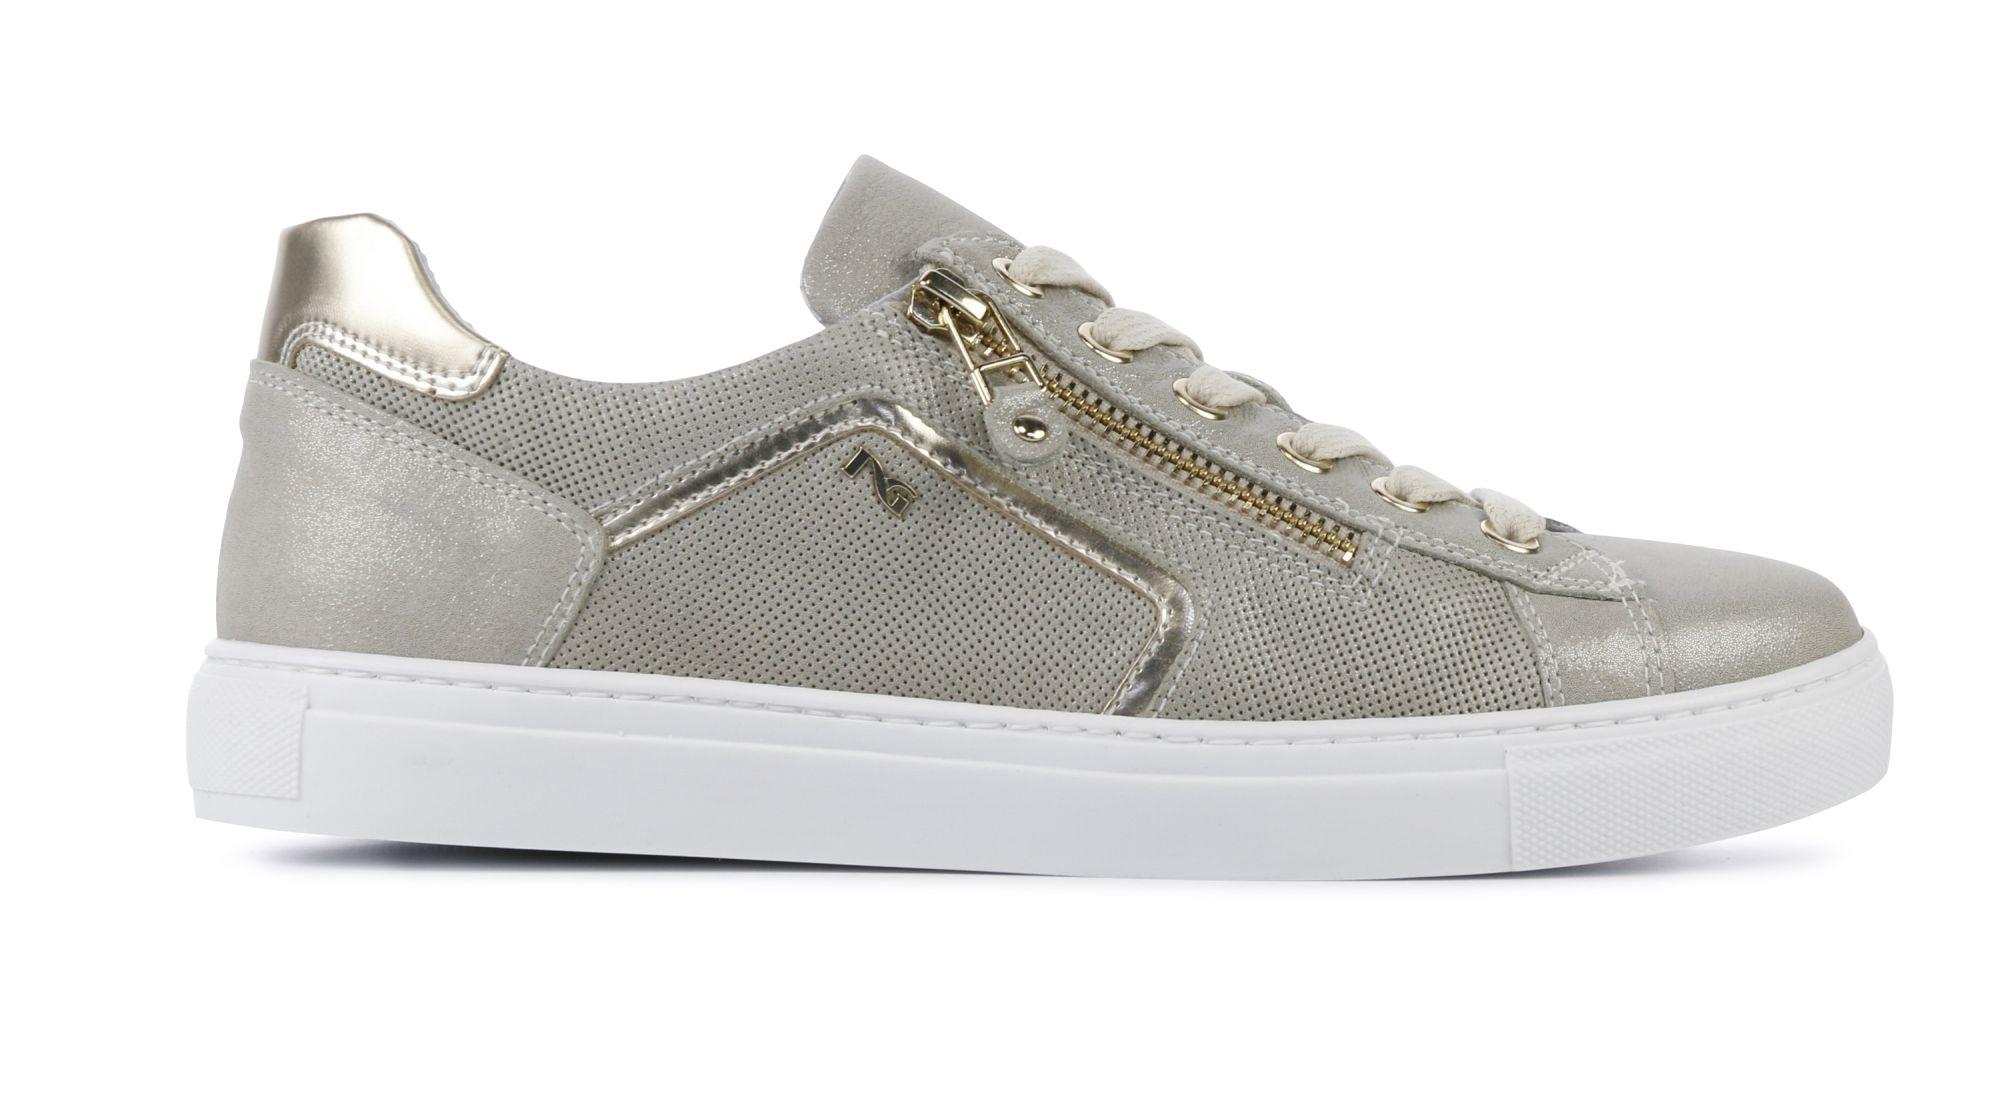 Kopen Goedkope 100% Origineel Sneakers Dames (Goud) Authentiek Te Koop FgP27HAtkb